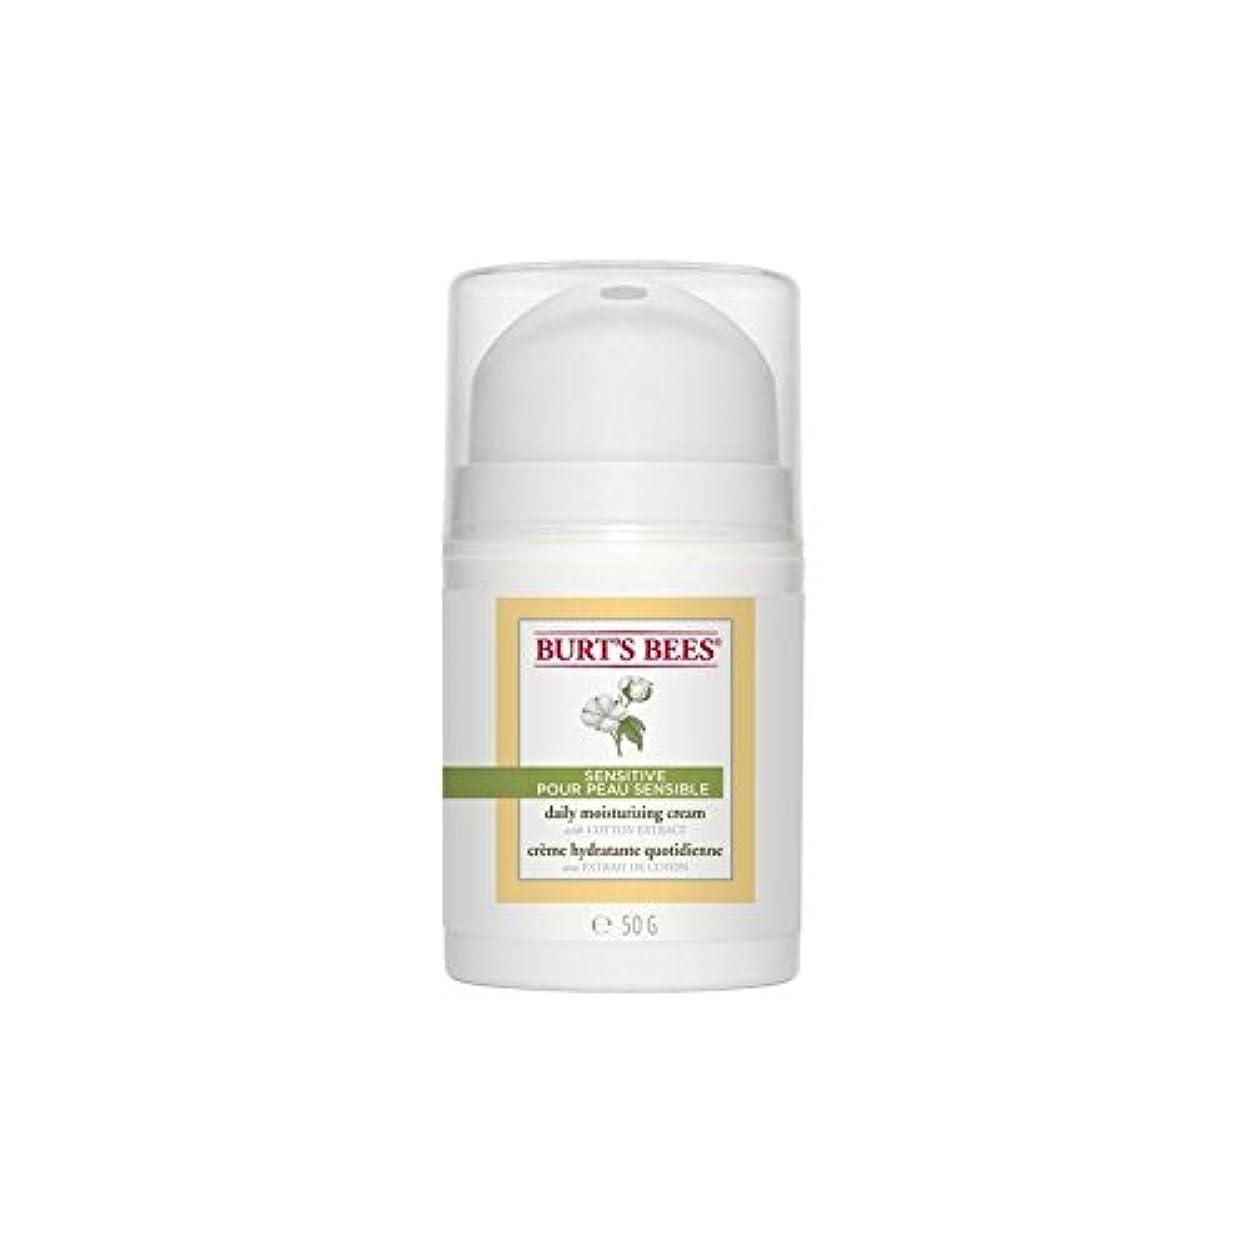 眉粗い国家Burt's Bees Sensitive Daily Moisturising Cream 50G - バーツビー敏感毎日保湿クリーム50グラム [並行輸入品]